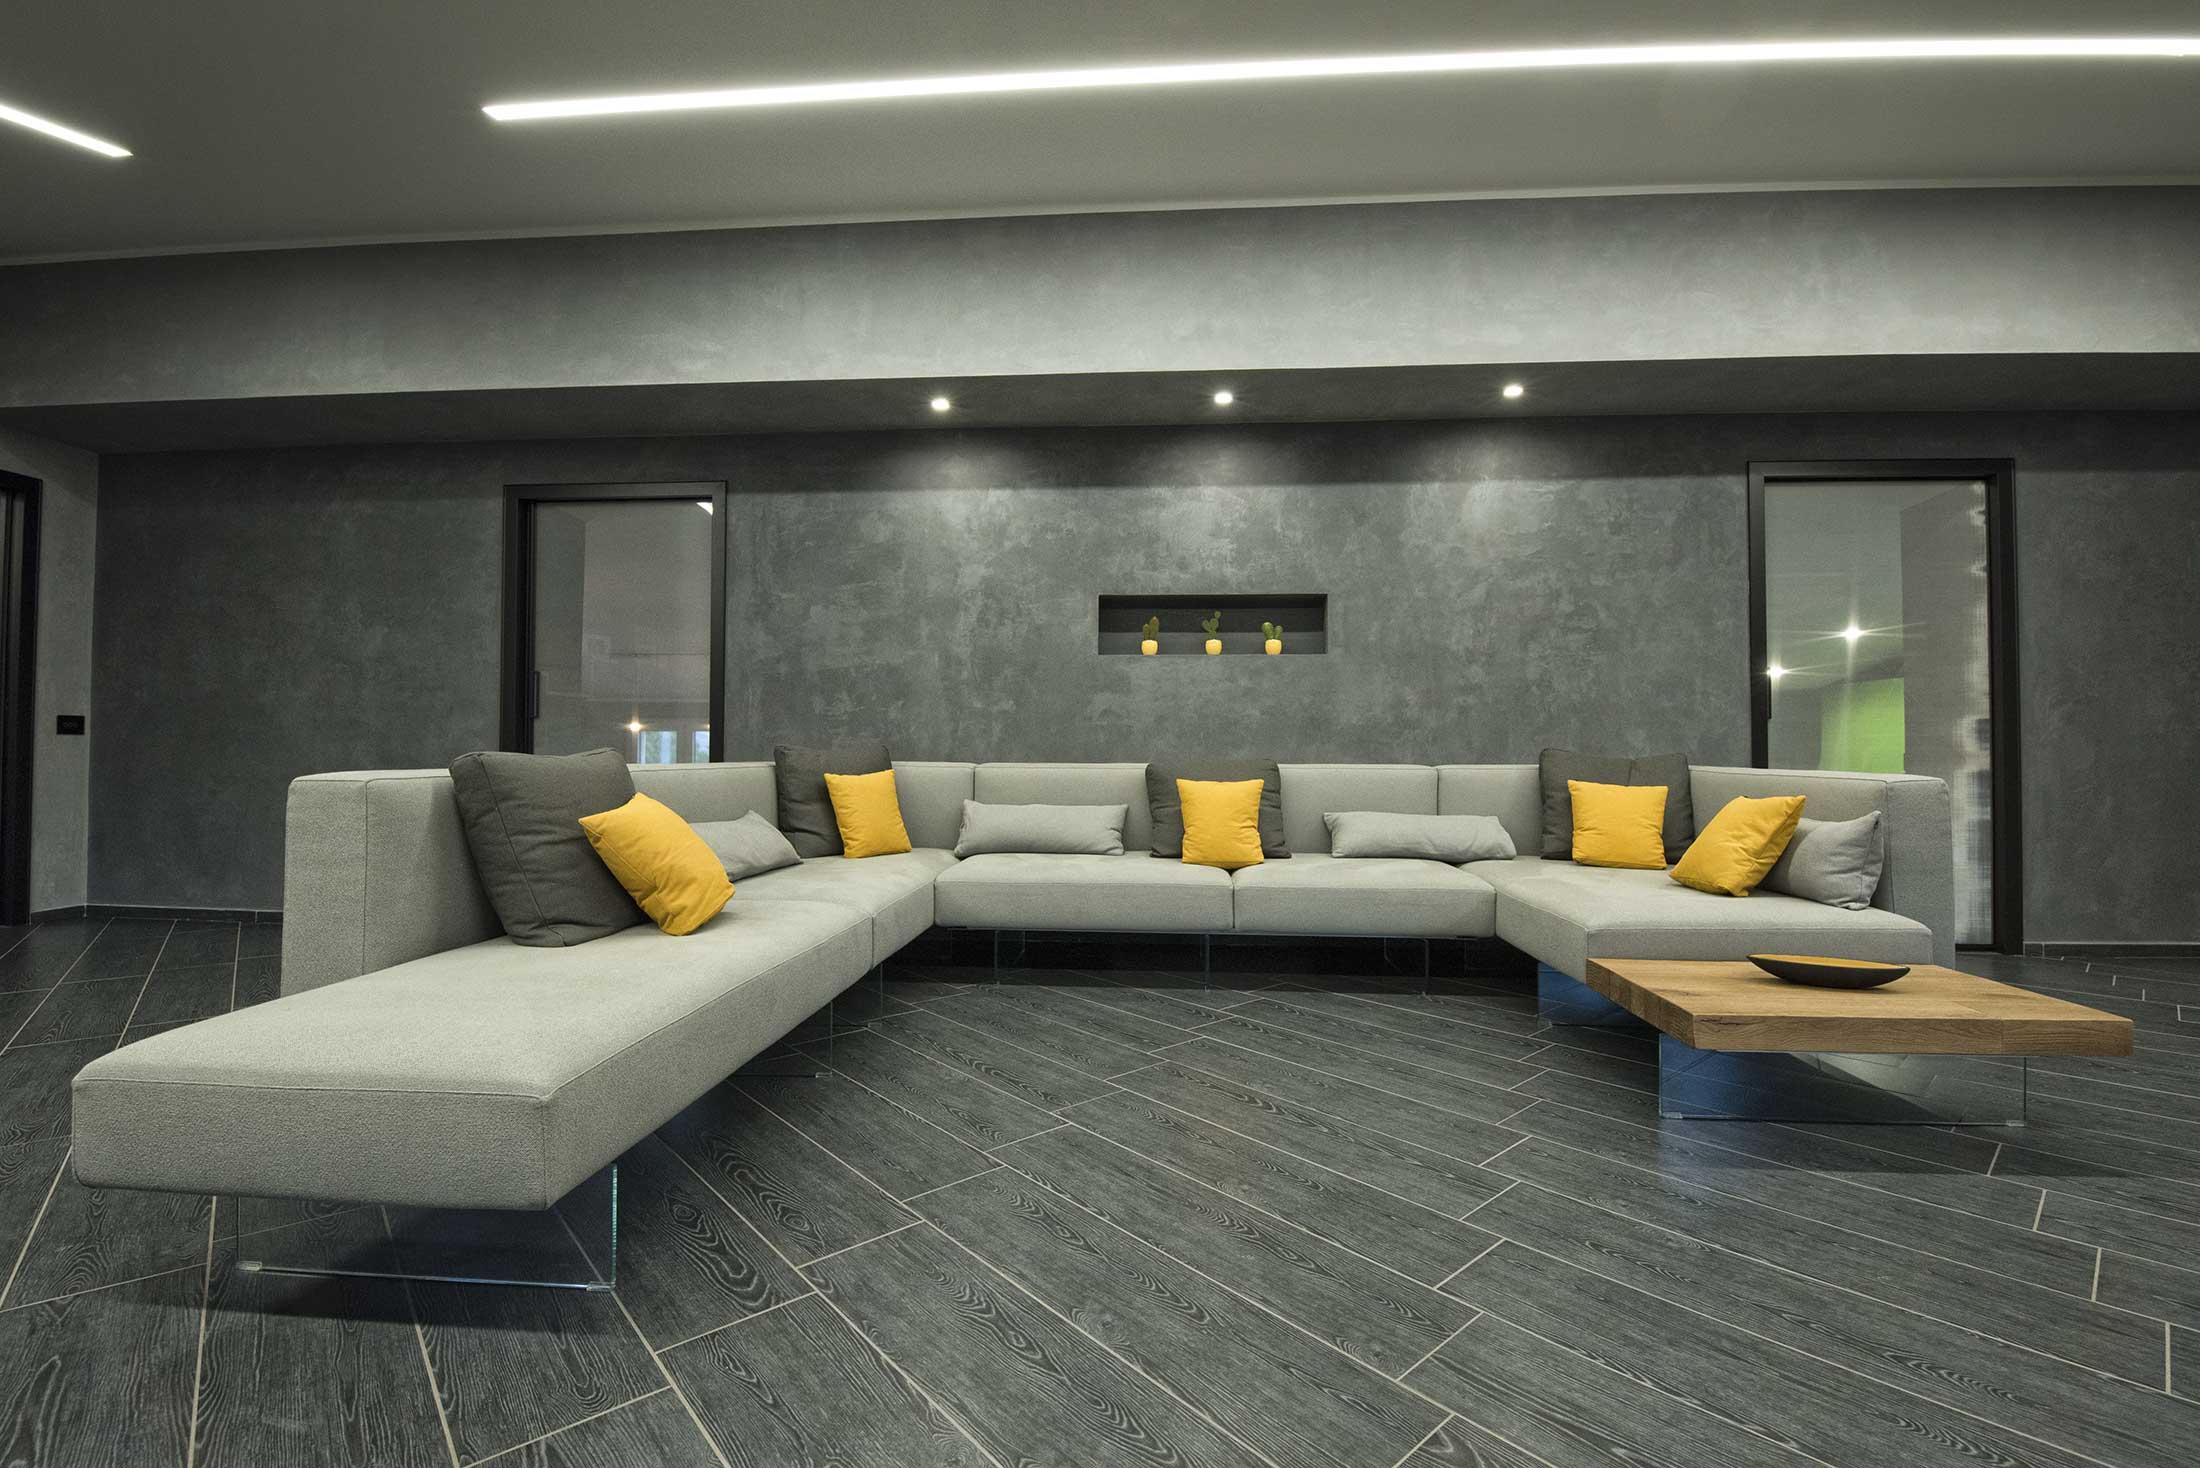 progetti-architettura-design-Formia-Addessi-Design-progettazione (7)